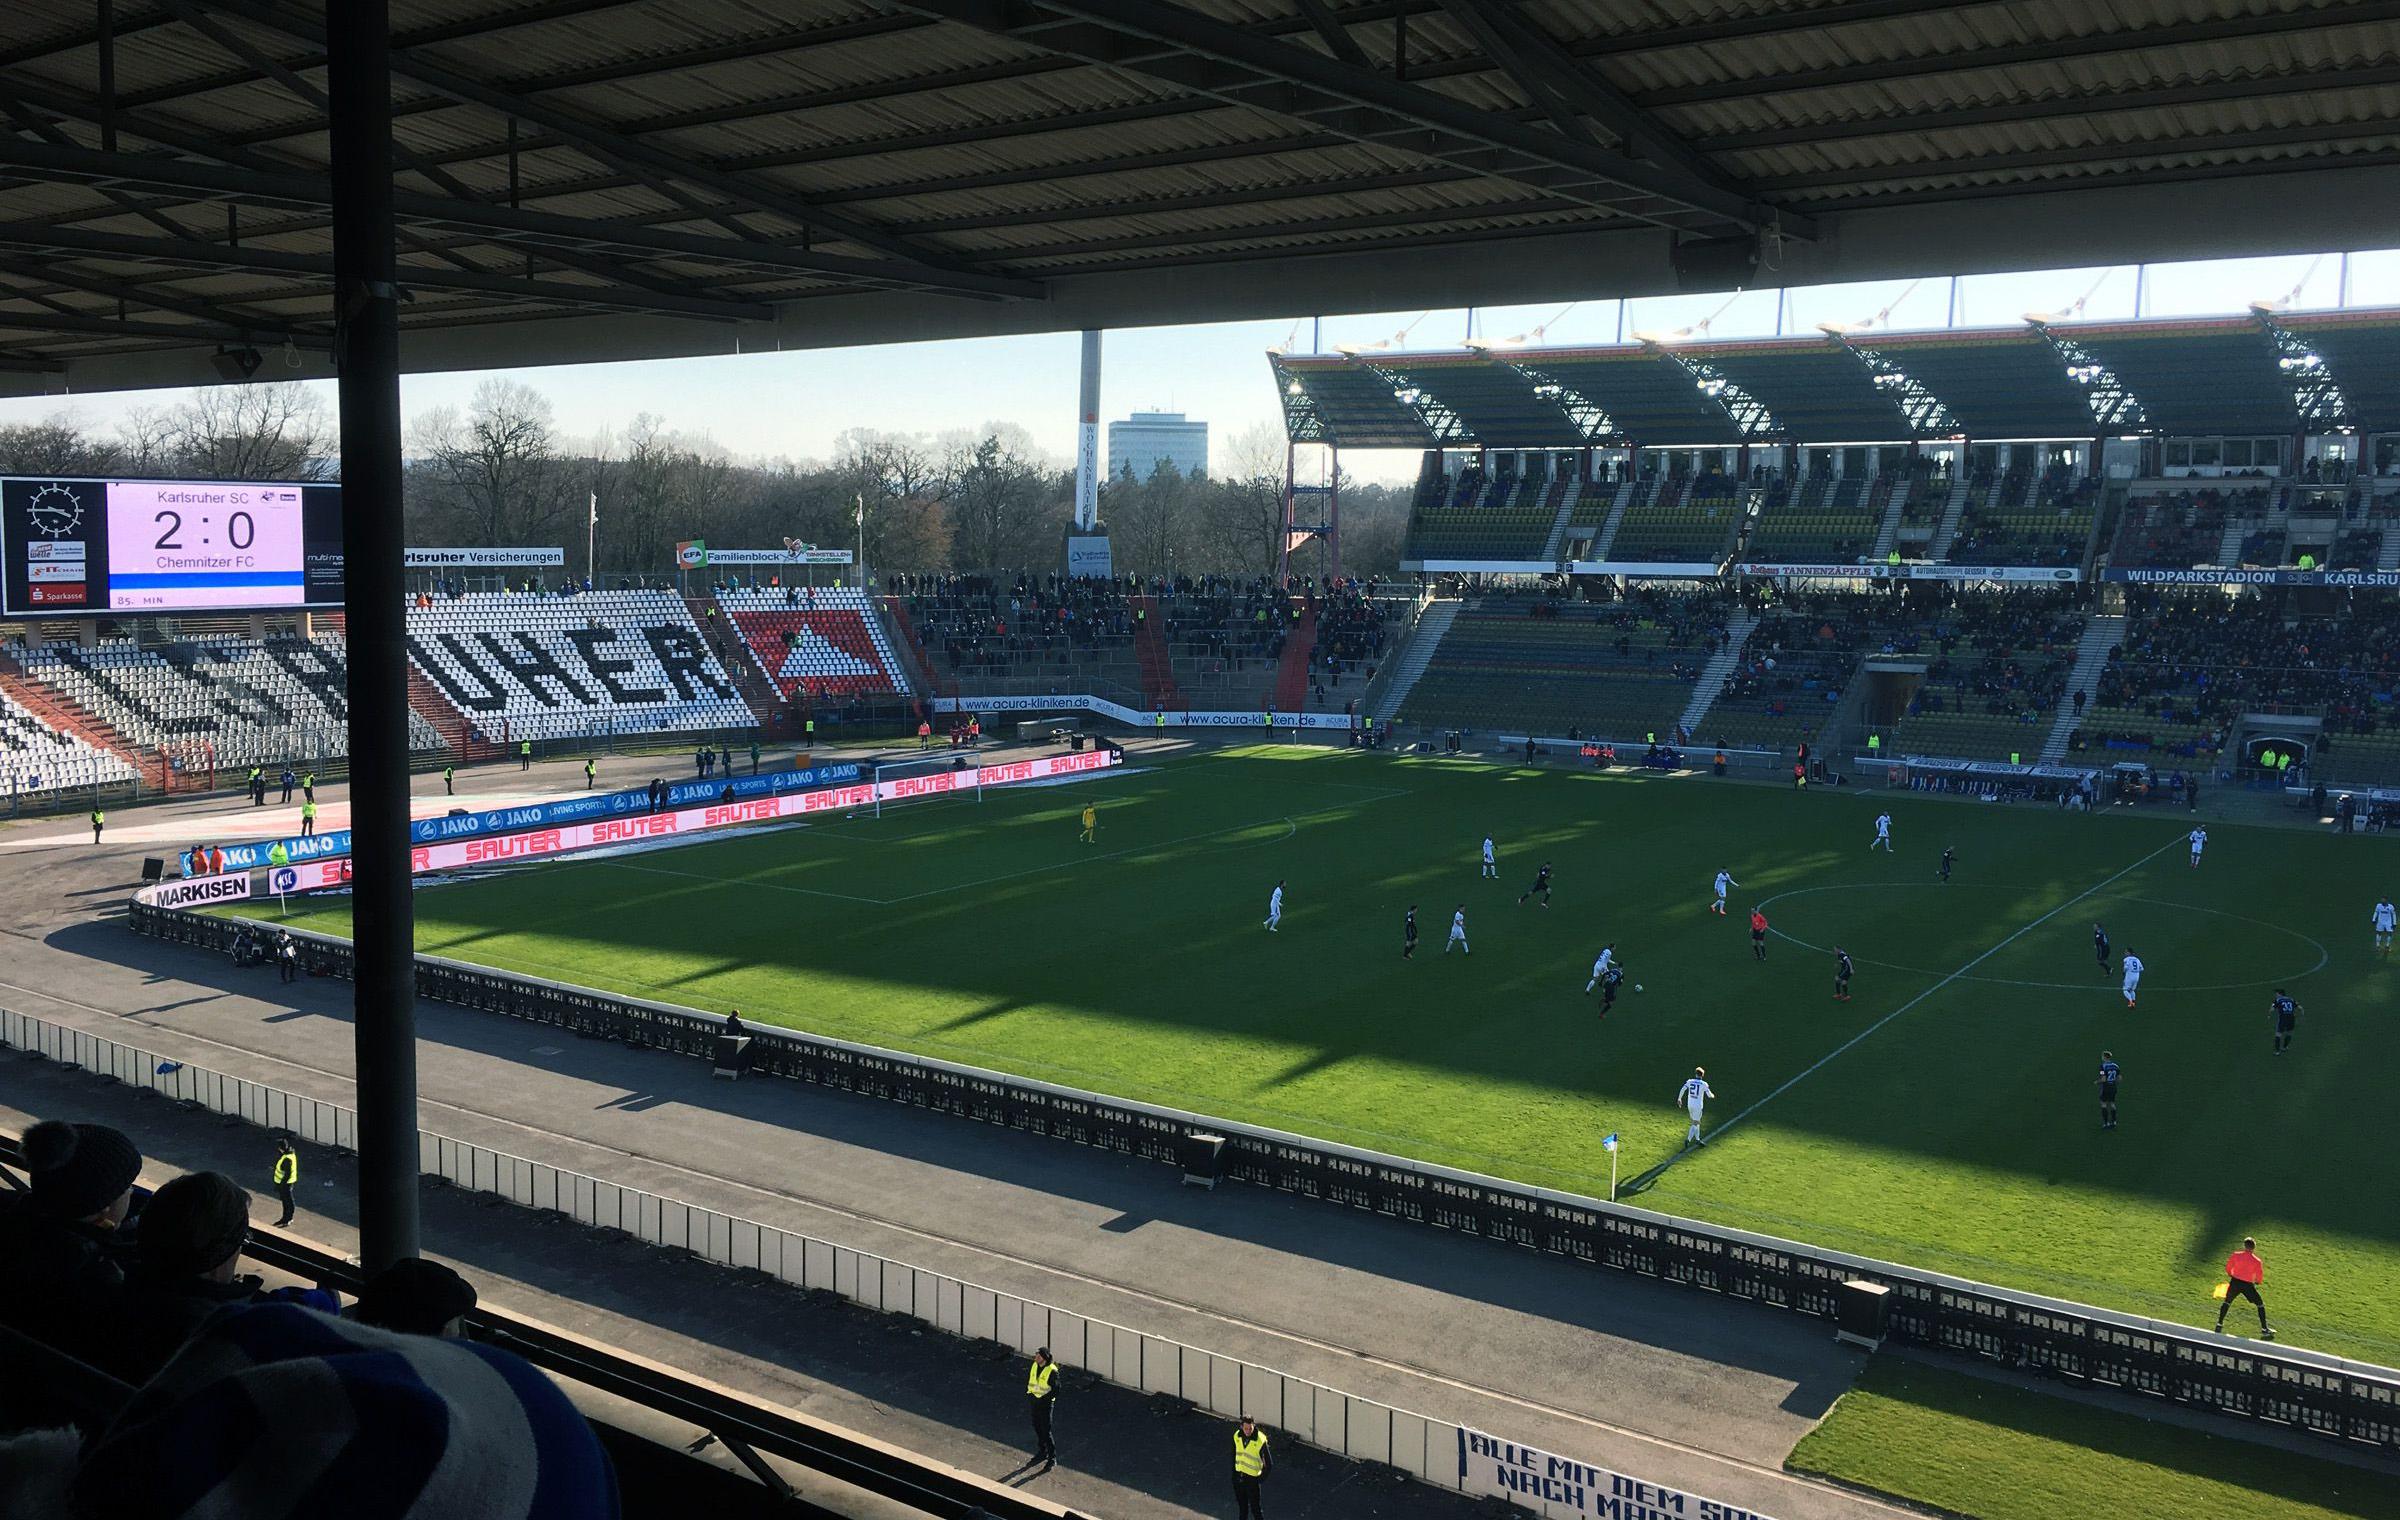 KSC vs Chemnitzer FC 2:0